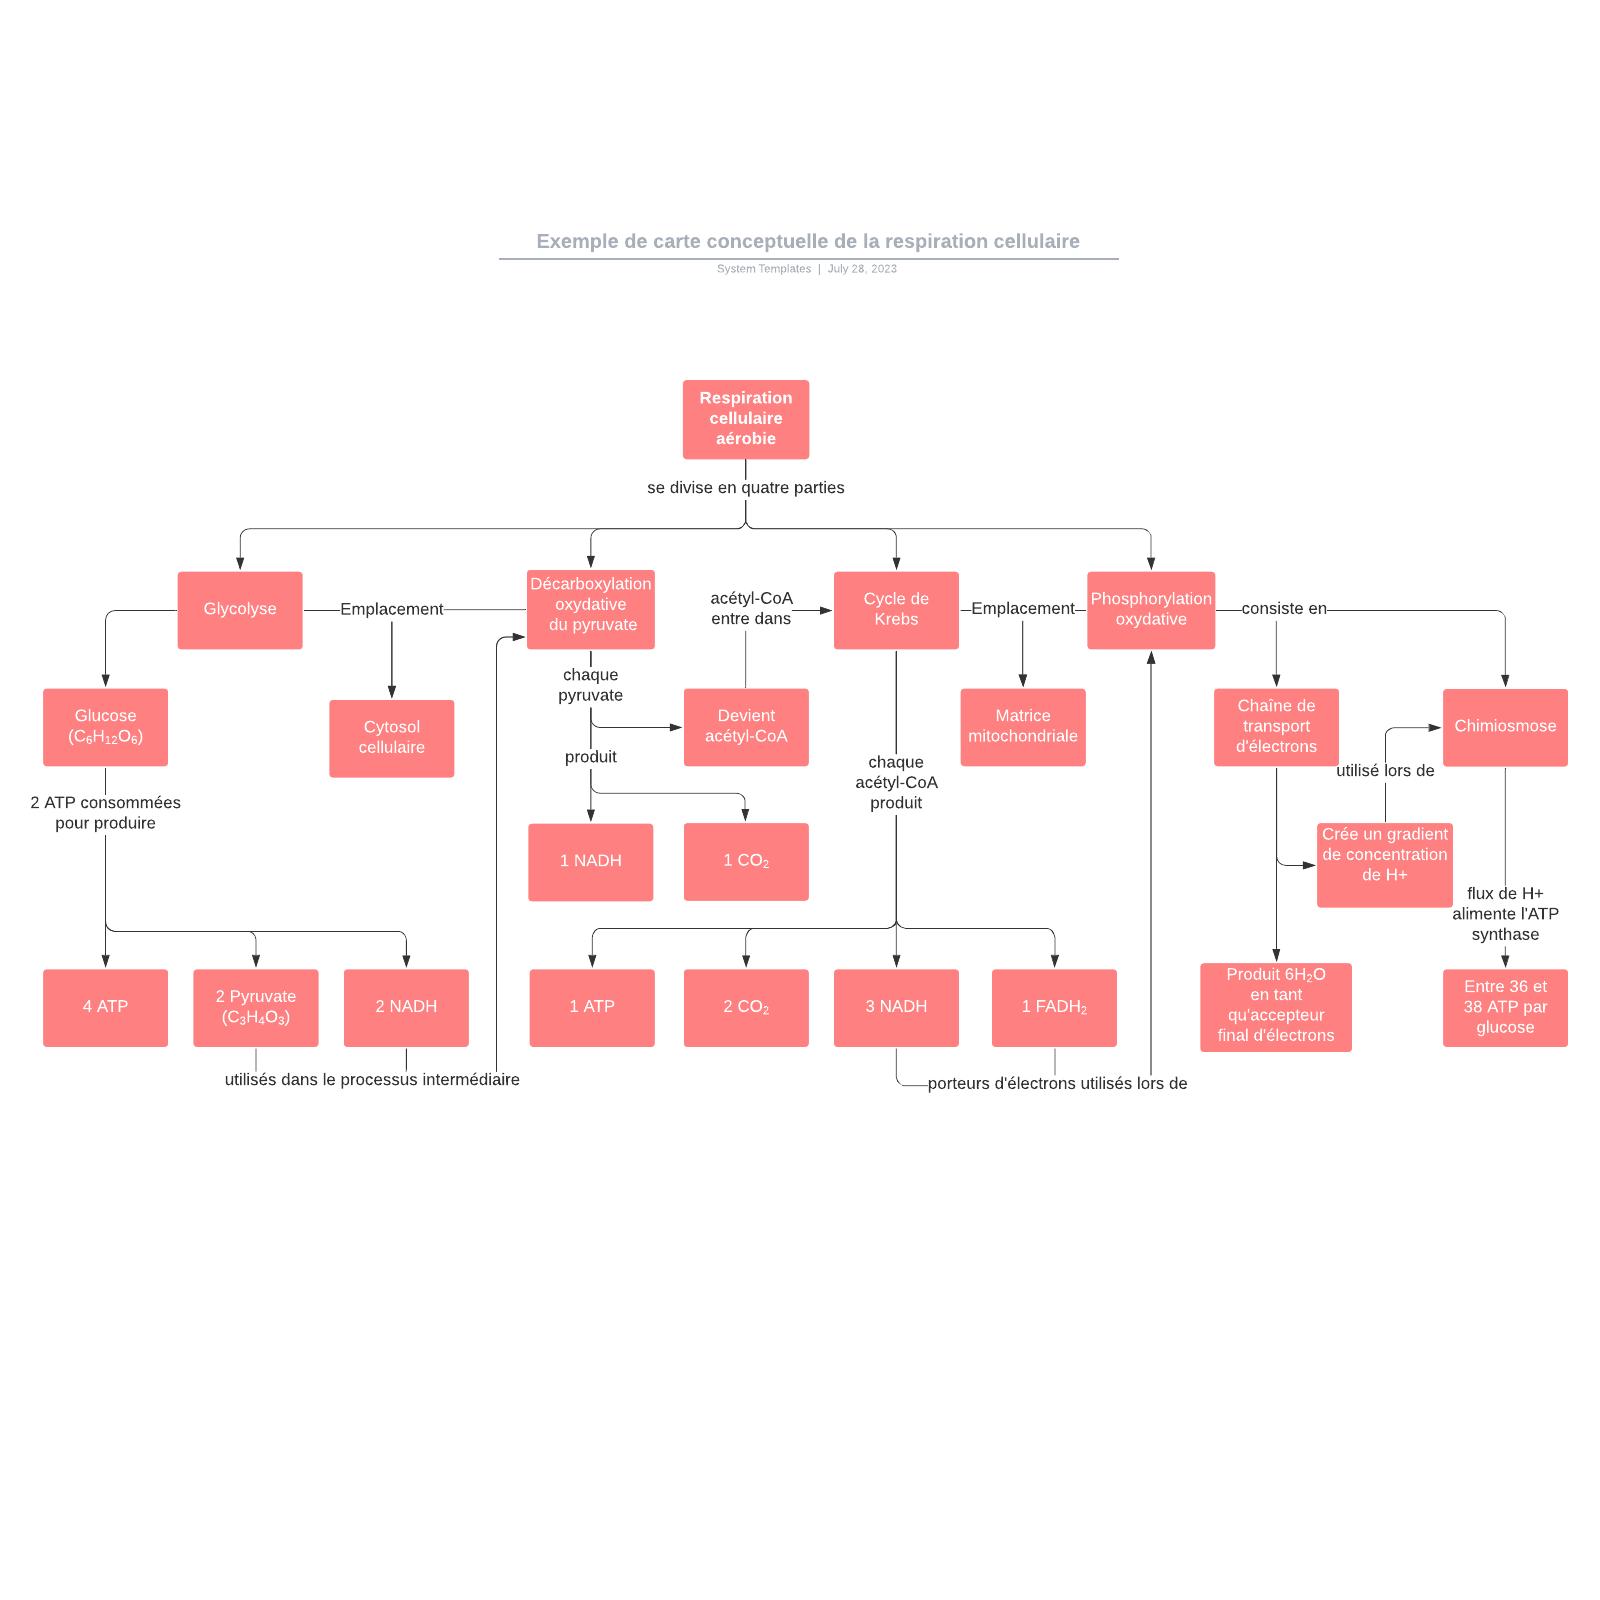 exemple de carte conceptuelle de la respiration cellulaire